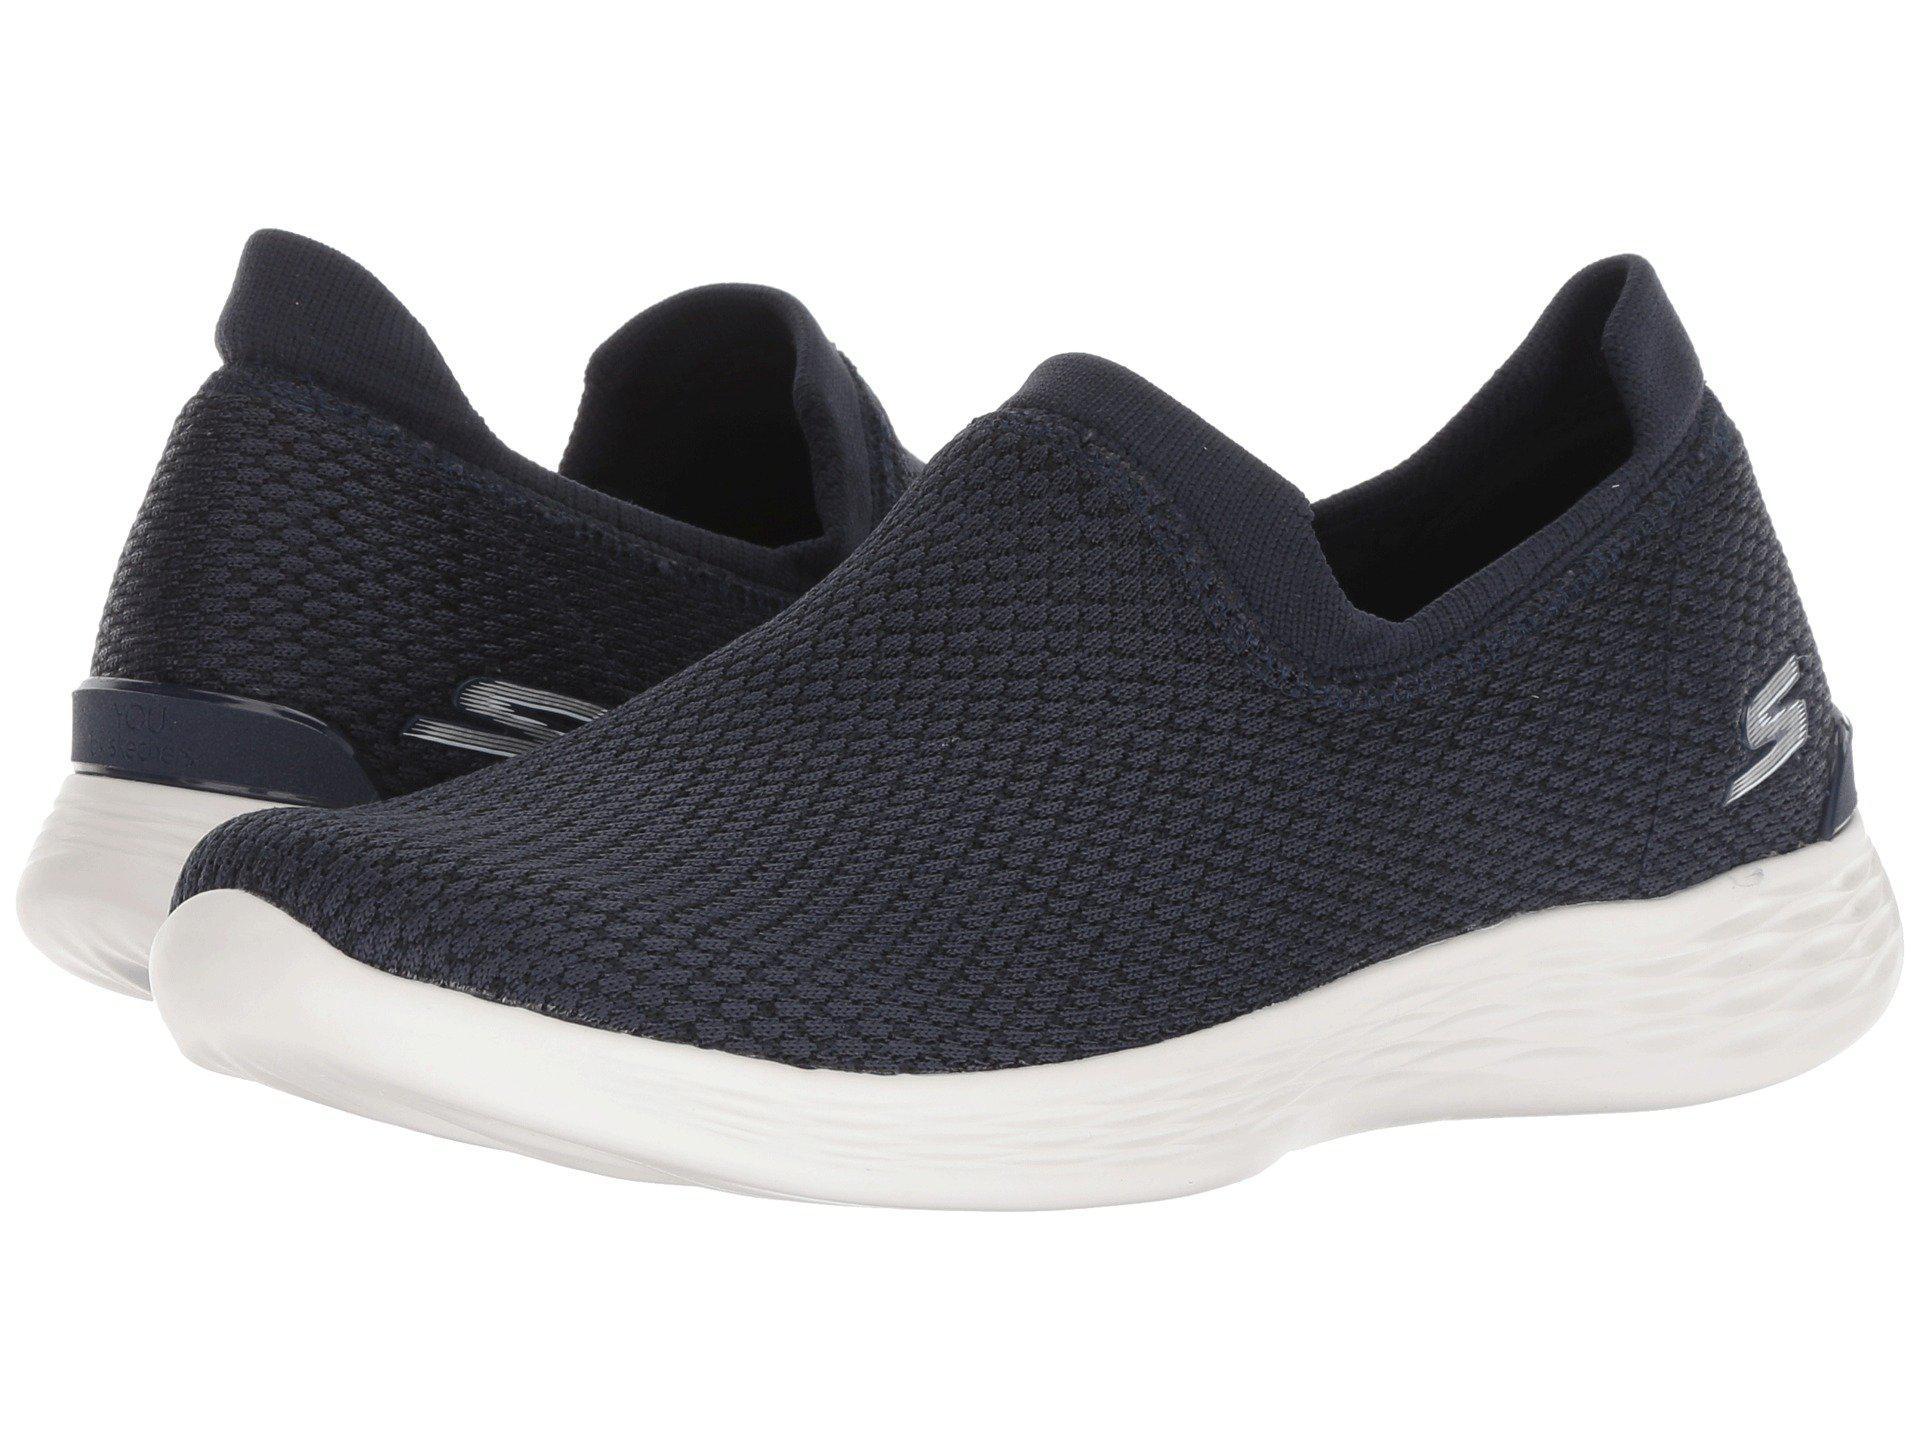 99366e182a52 Lyst - Skechers You Define - 15822 (navy) Women s Slip On Shoes in Blue